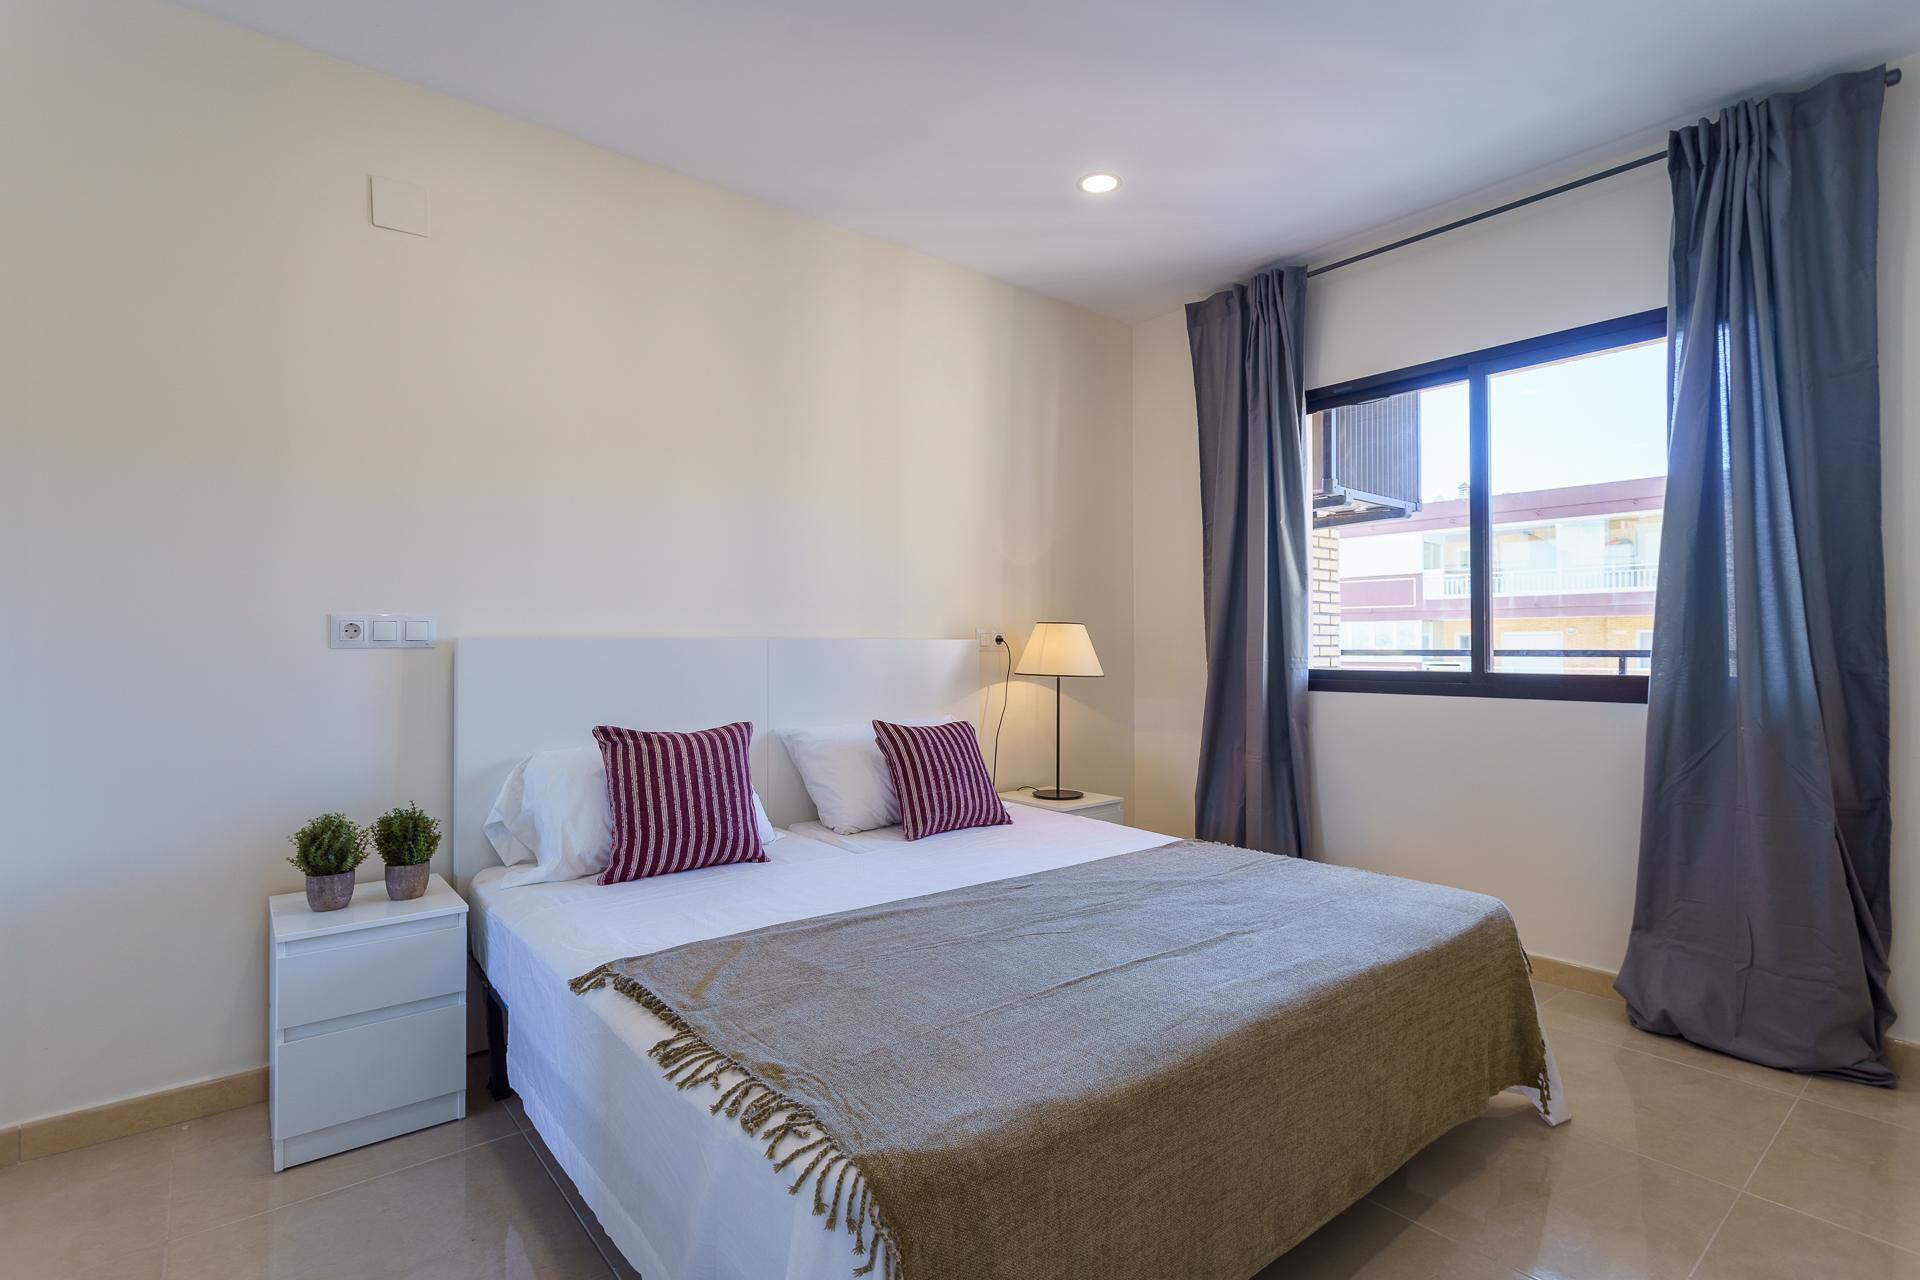 Apartment MalagaSuite Cozy Apartment in Fuengirola photo 20507084